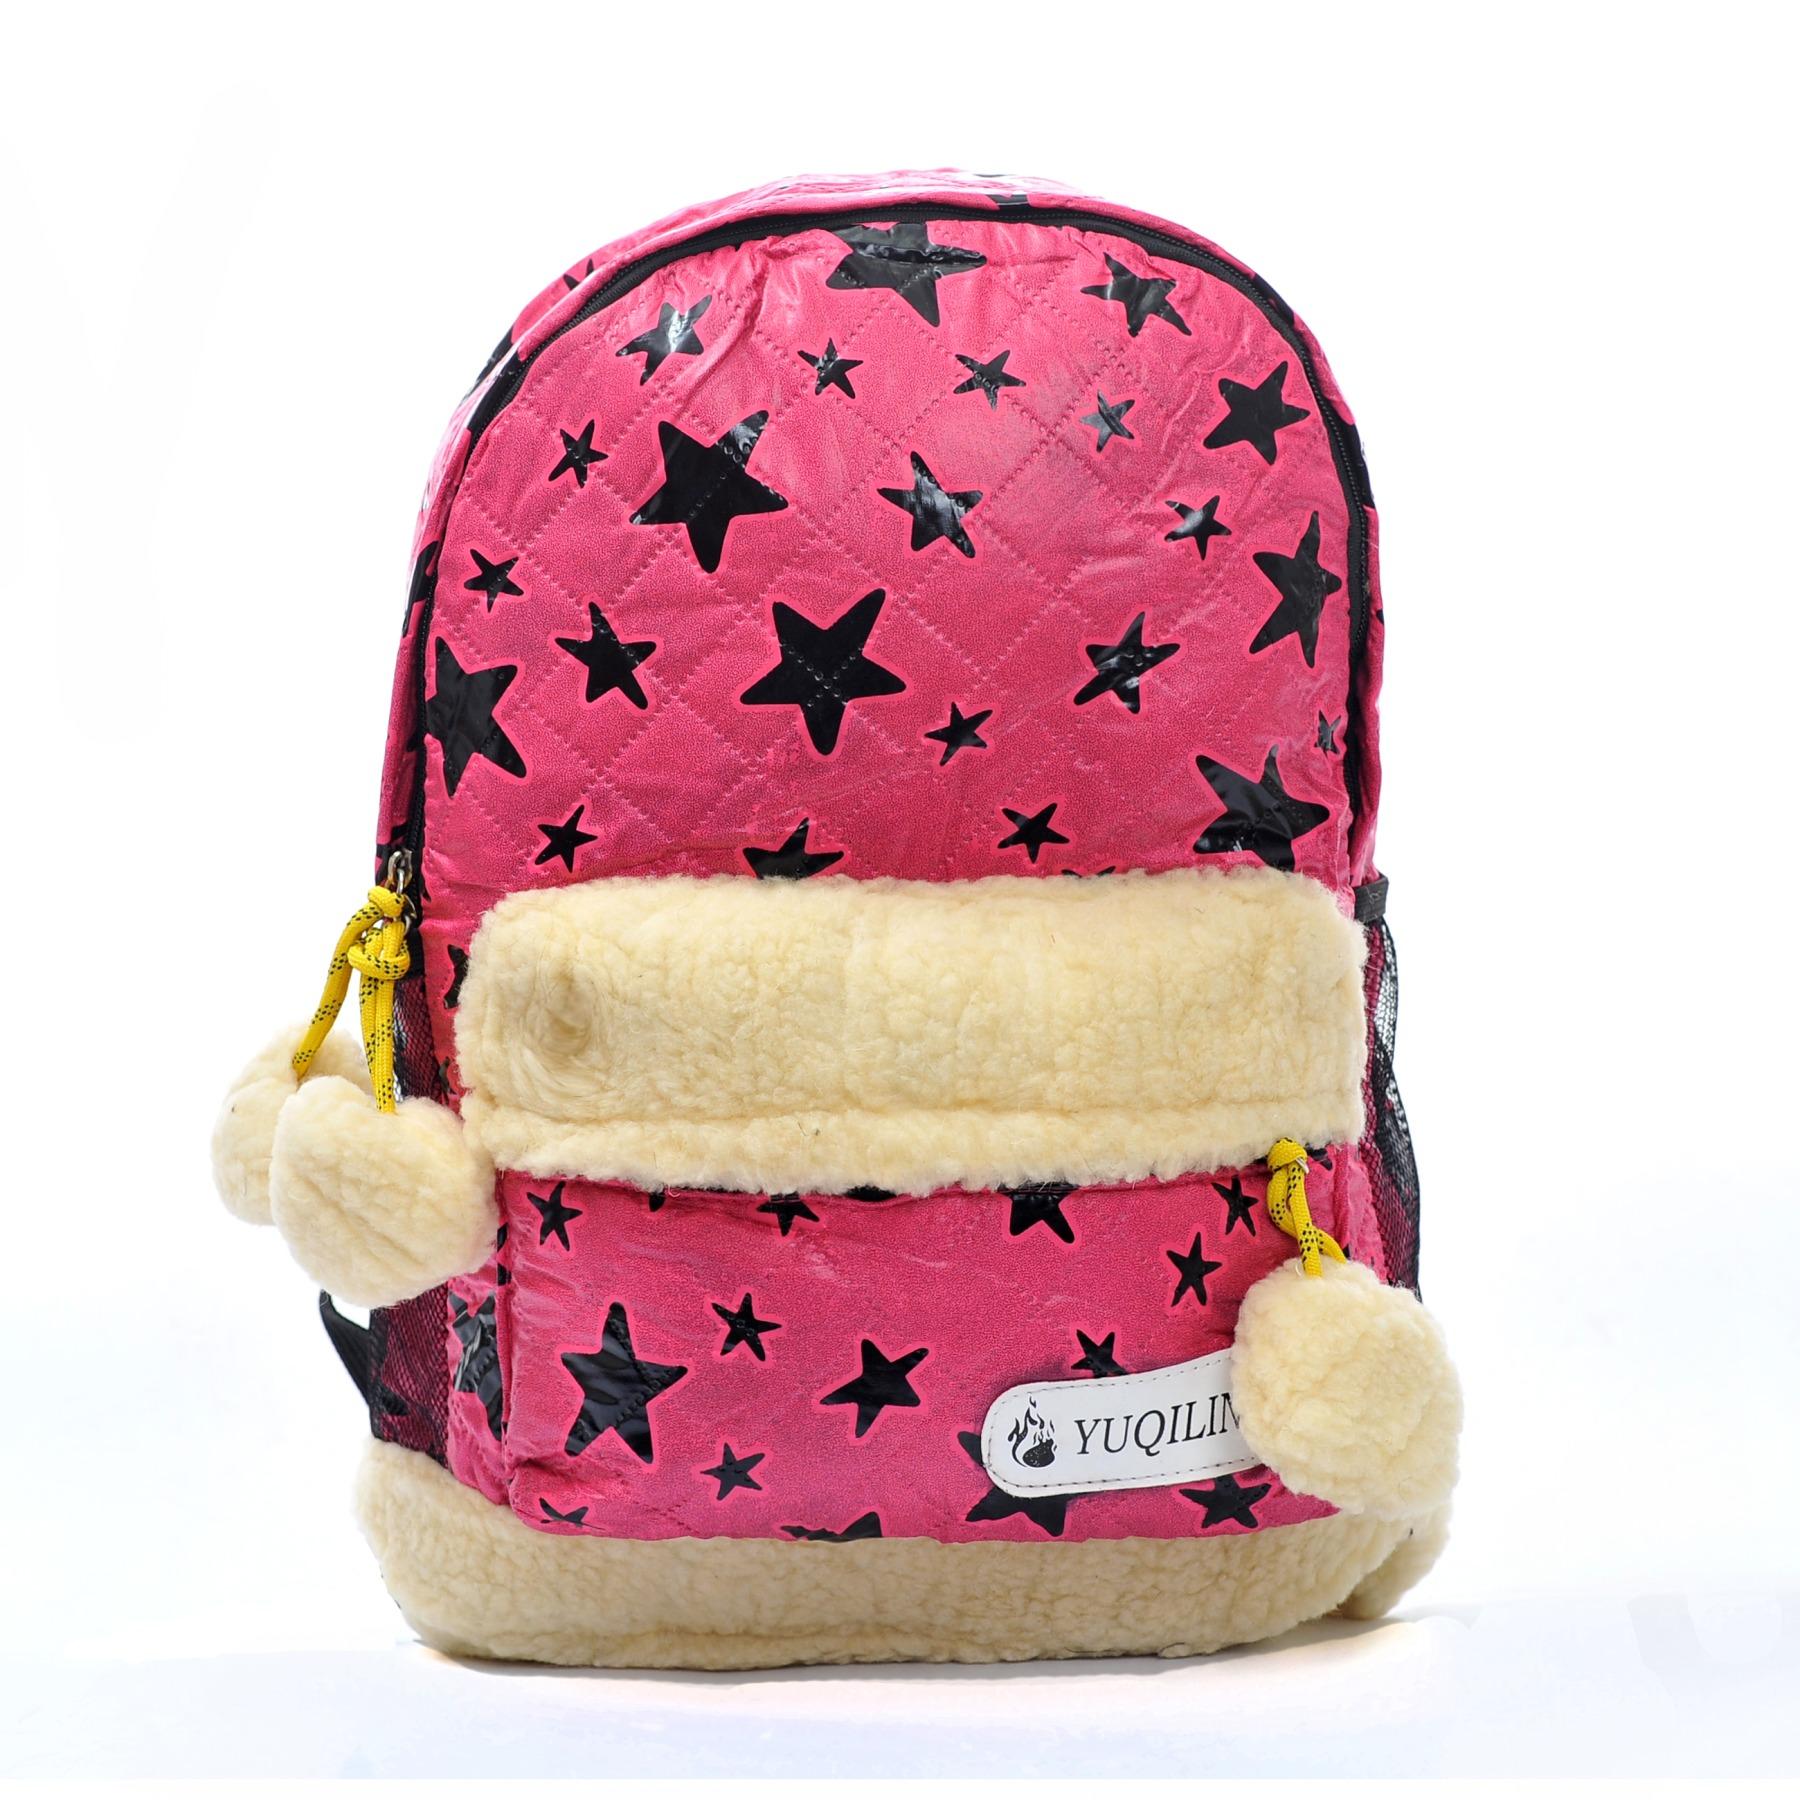 Рюкзак жіночий Yiletao м який з тканини купити недорого в магазині ... 38c042741f2b9